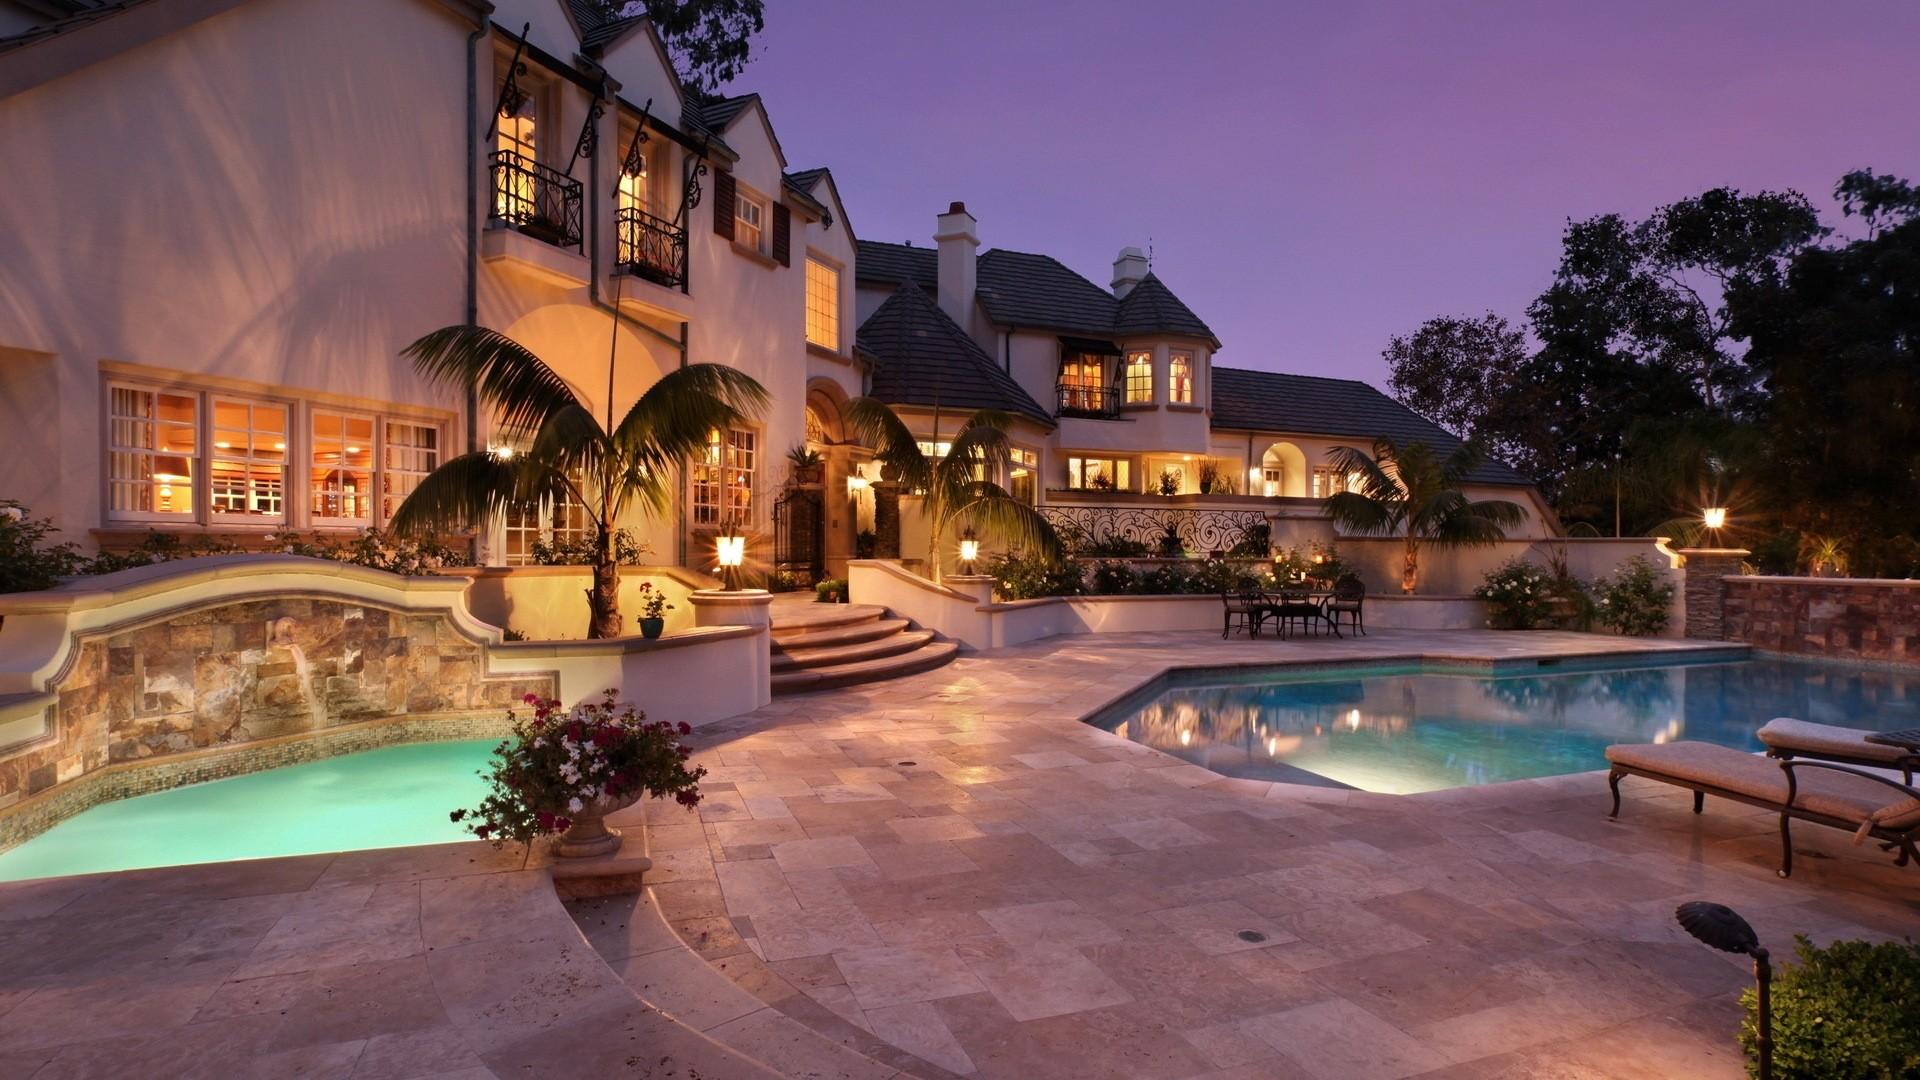 Casas con piscinas - 1920x1080